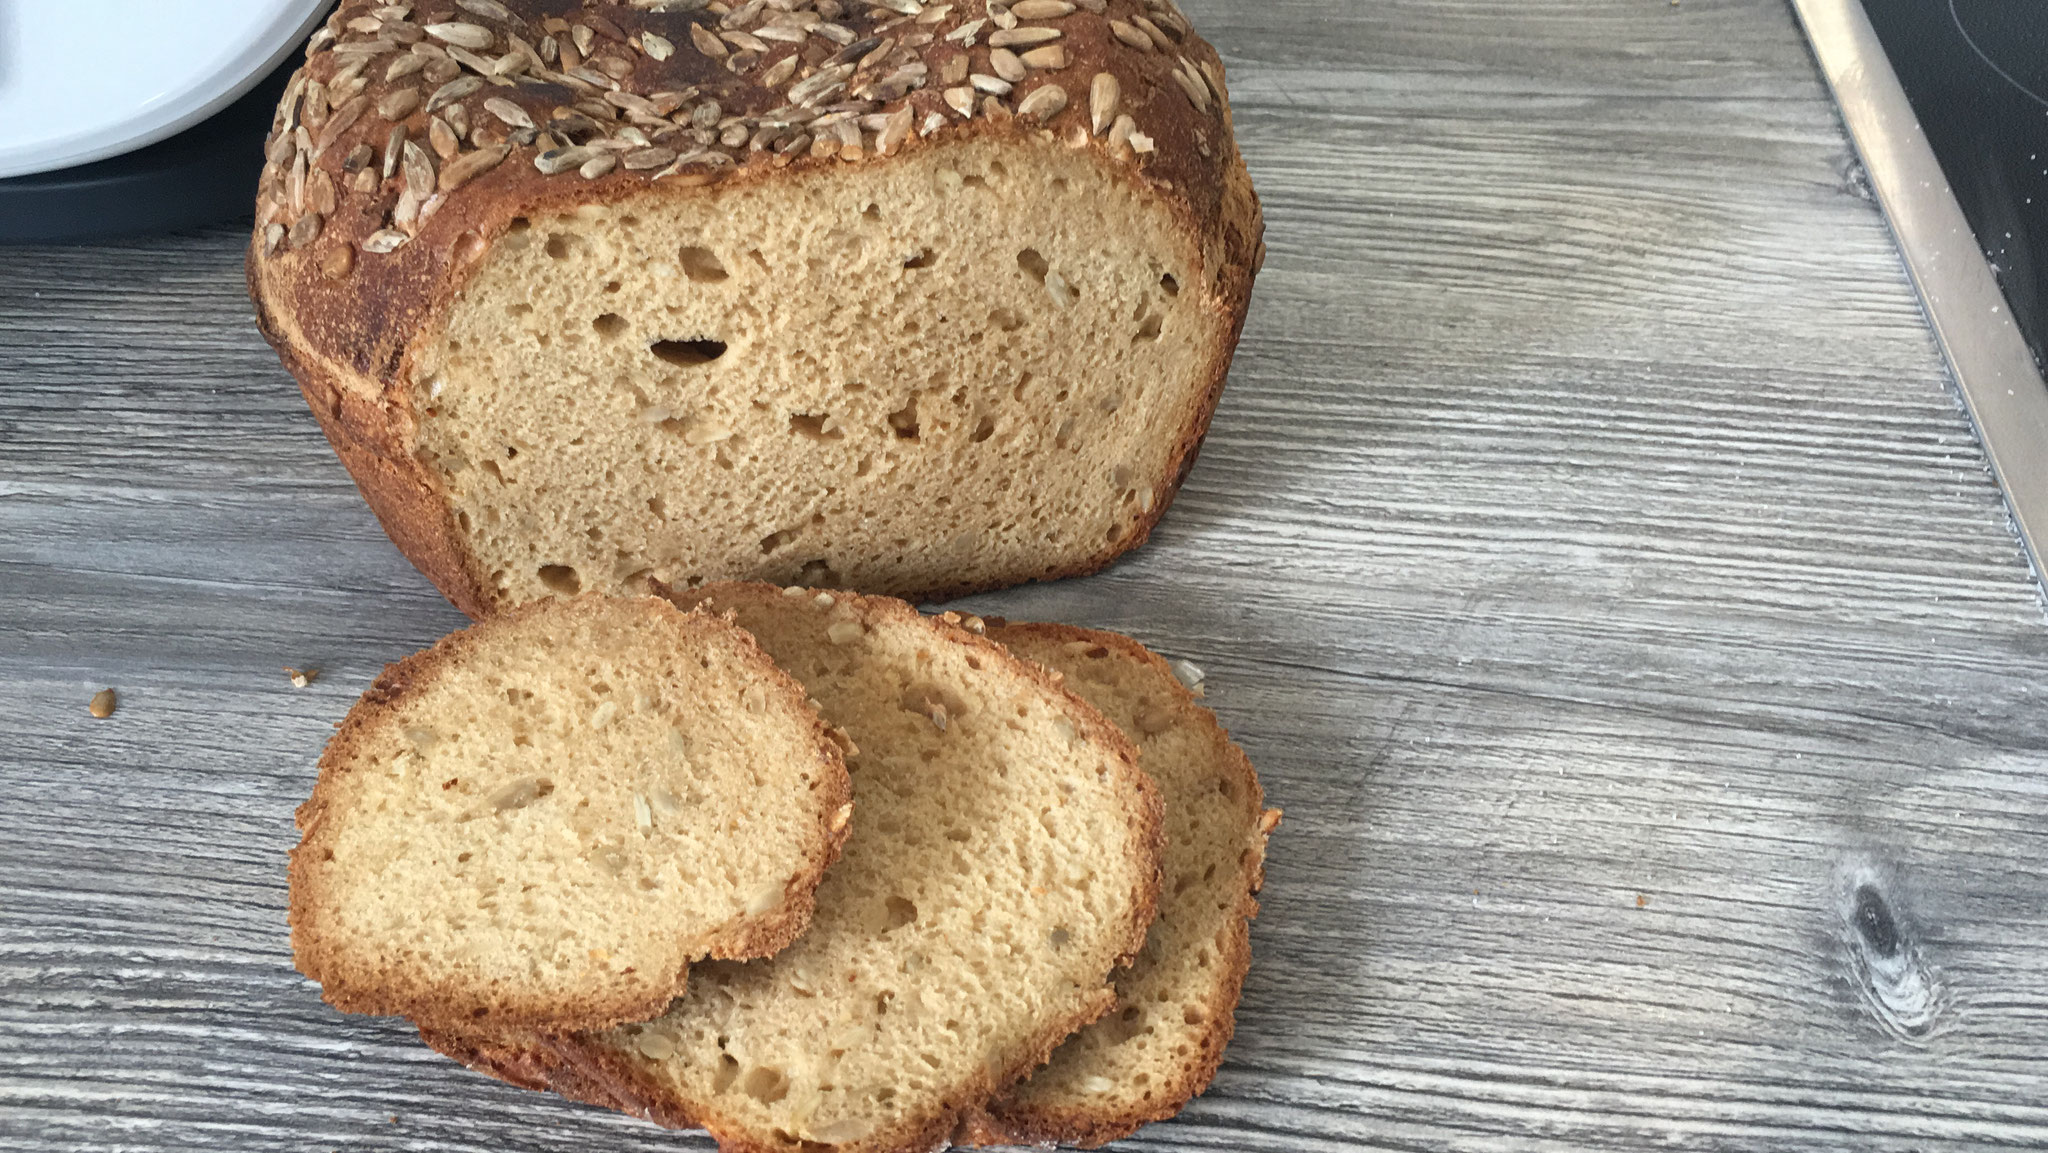 Glutenfreies Brot aus dem runden Zaubermeister